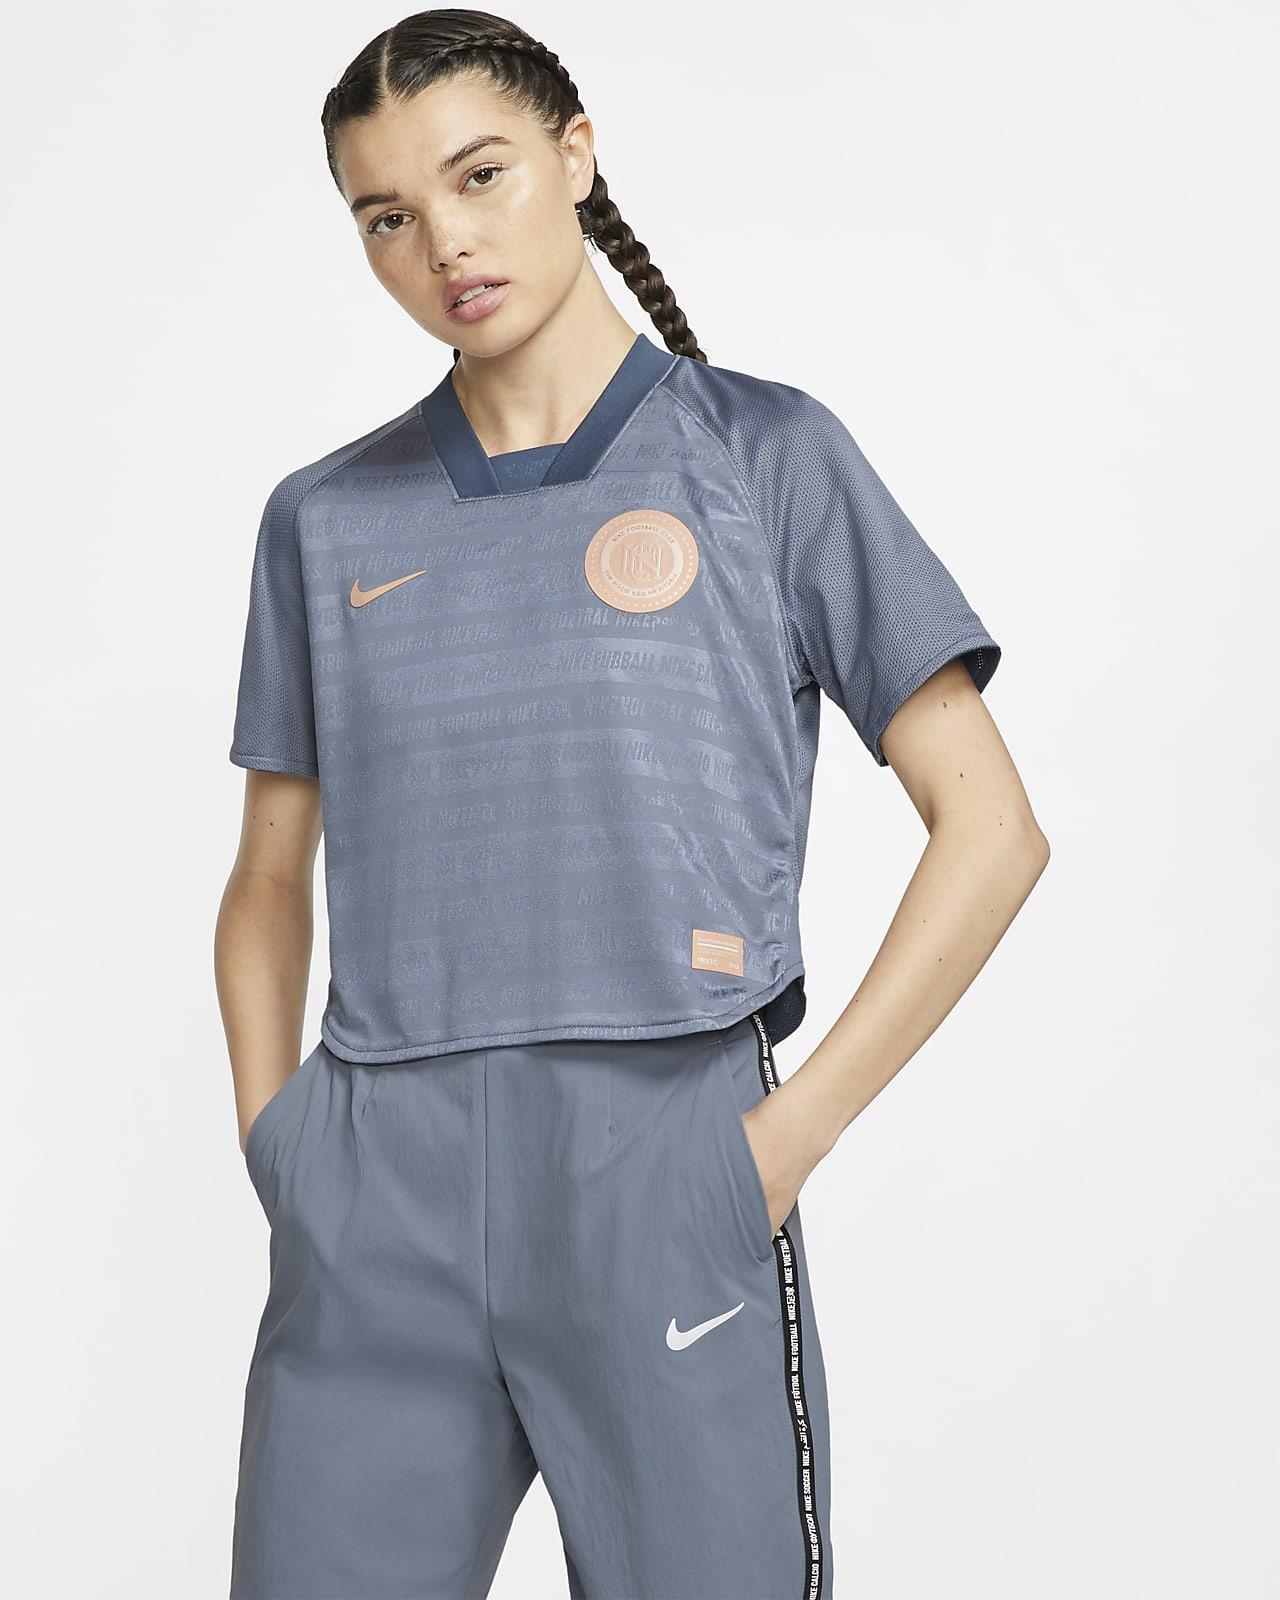 Haut de football à manches courtes Nike F.C. Dri-FIT pour Femme